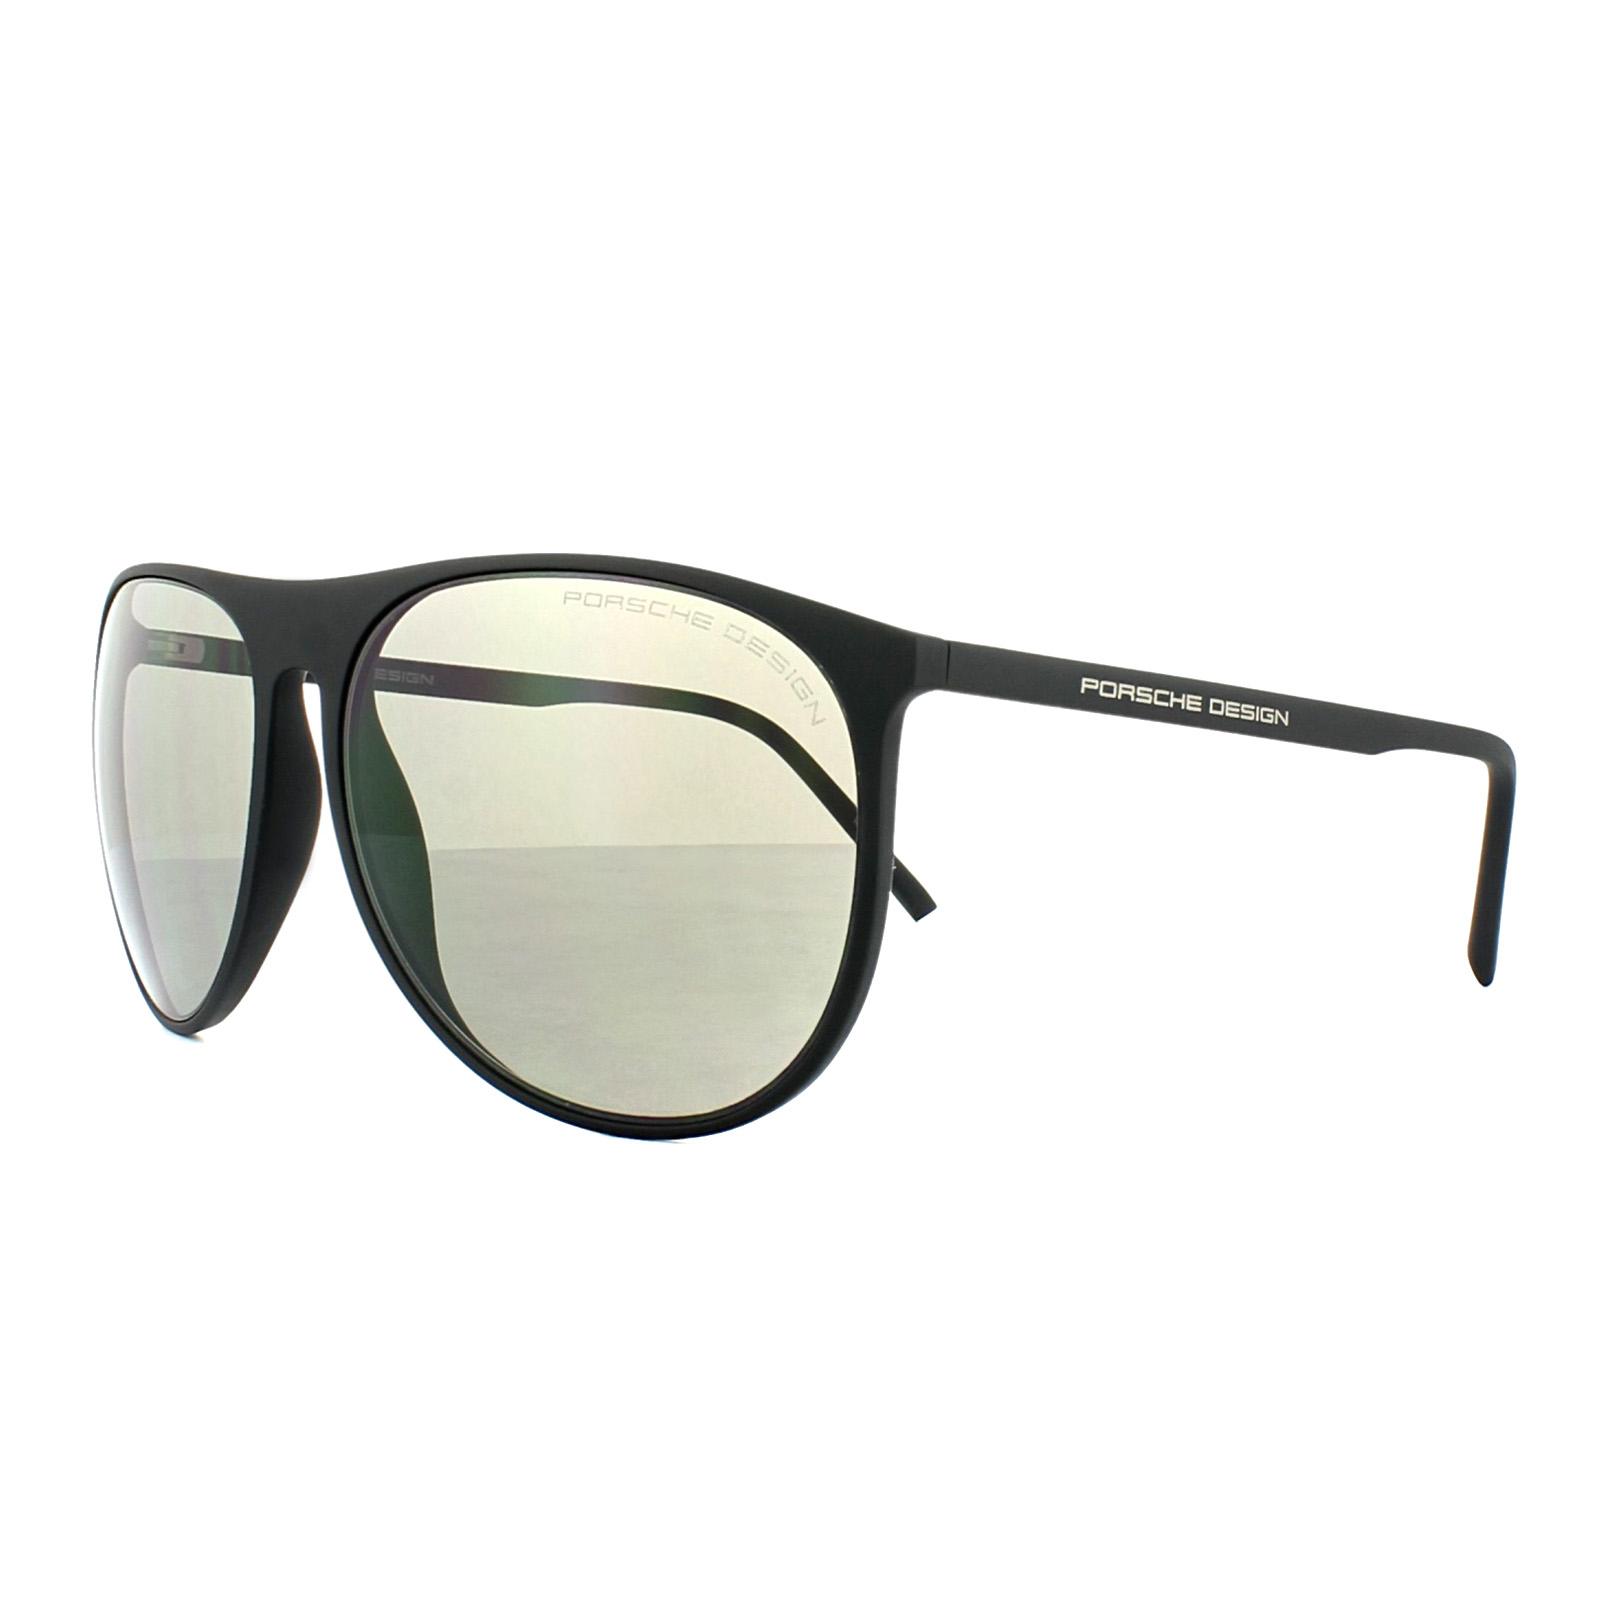 73e5a65e40c Porsche Design Sunglasses P8596 B Black Grey 4046901829735